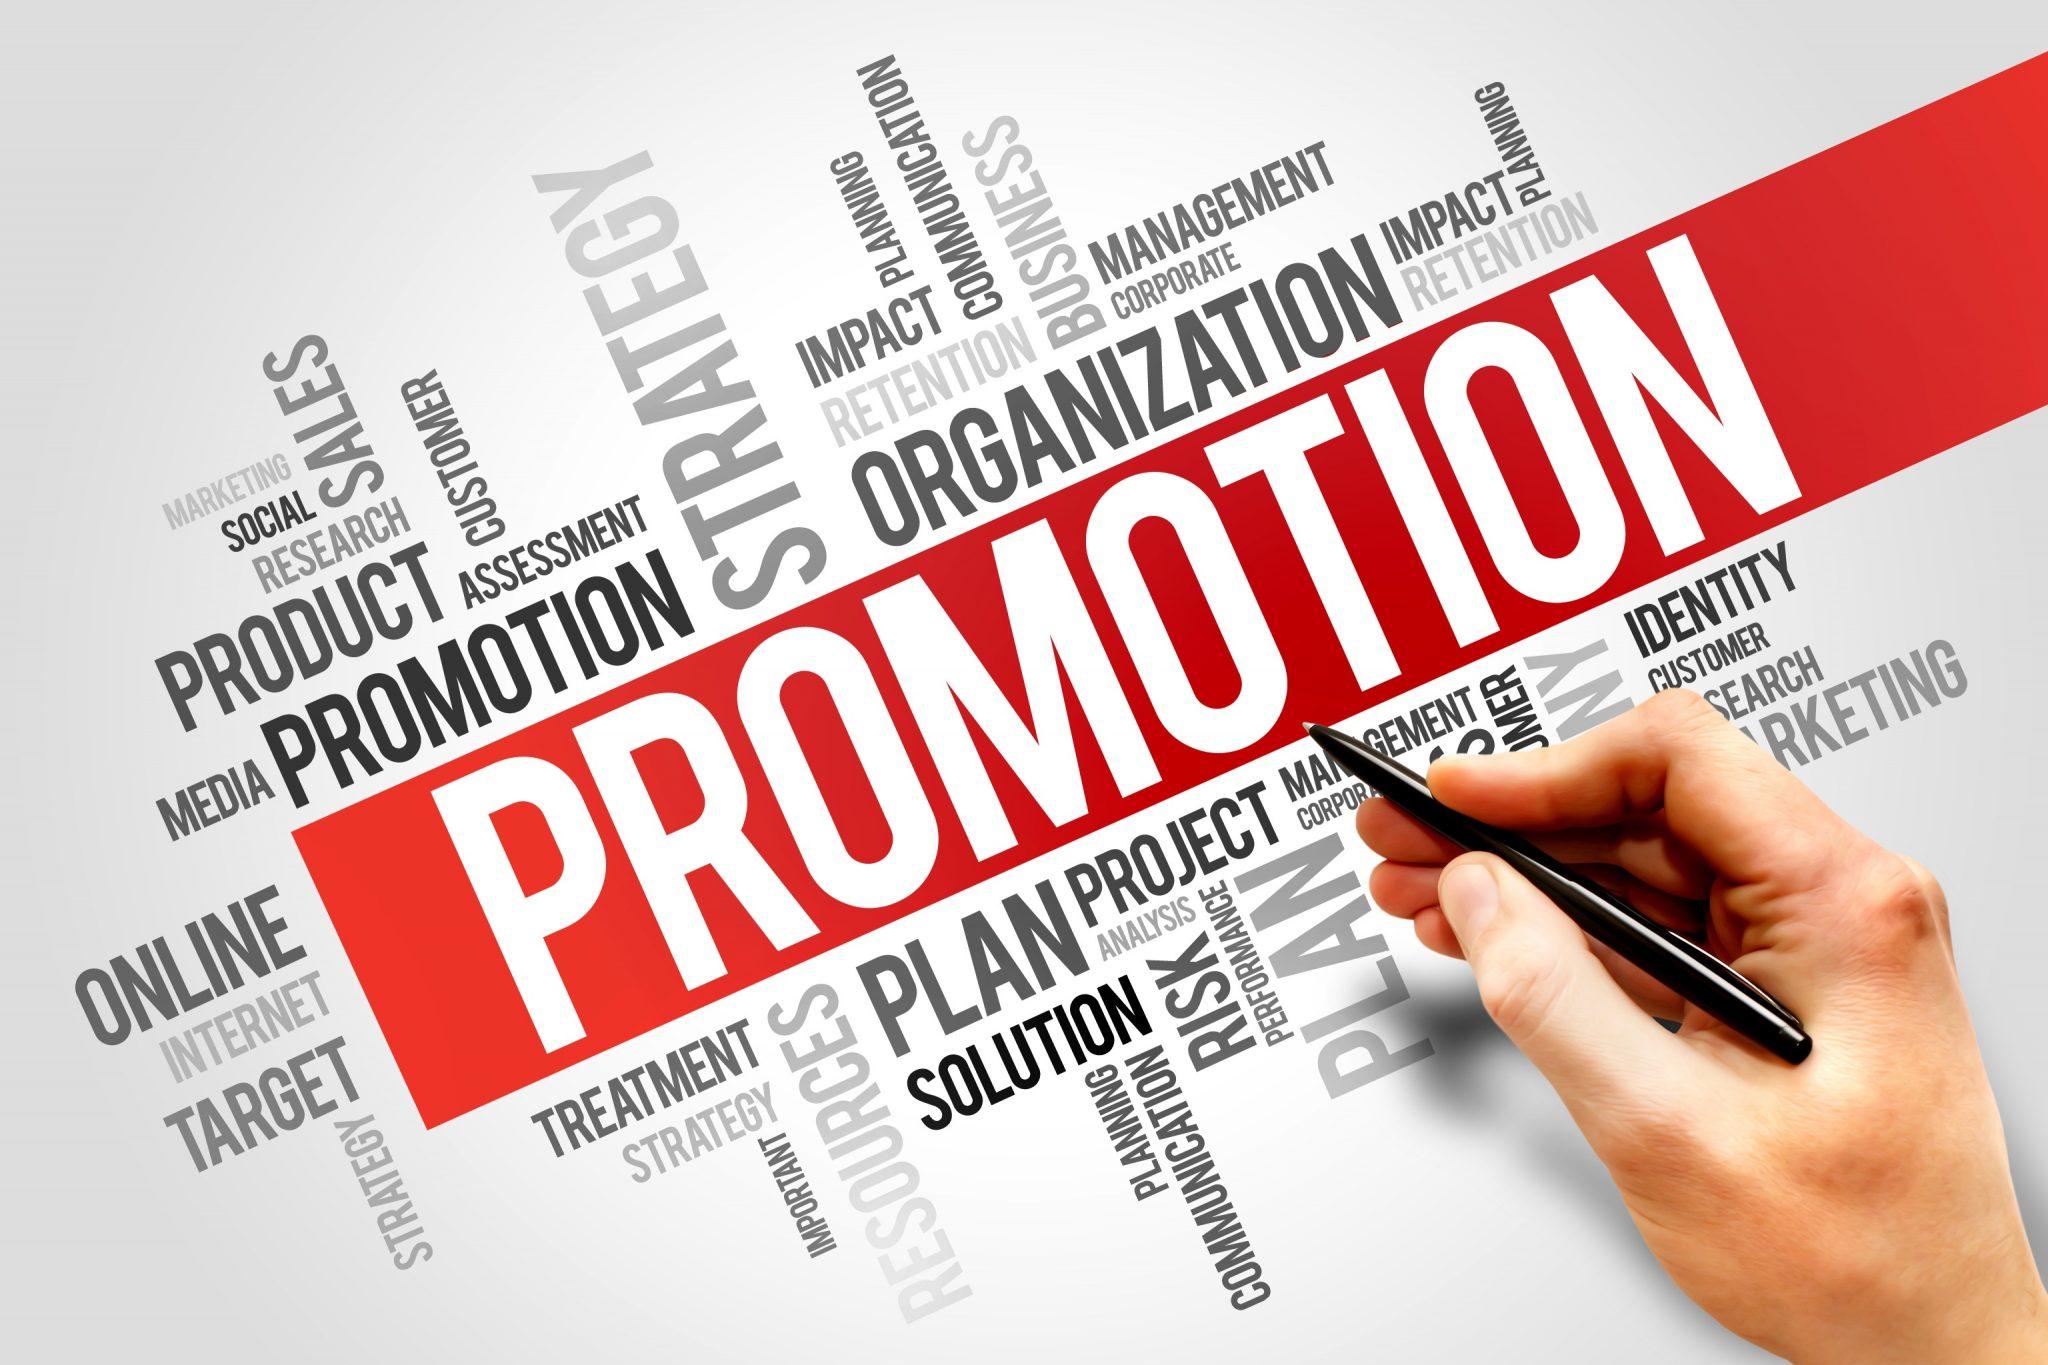 media promosi online, Tips Memilih Media Promosi Online, SHUNT Magetan